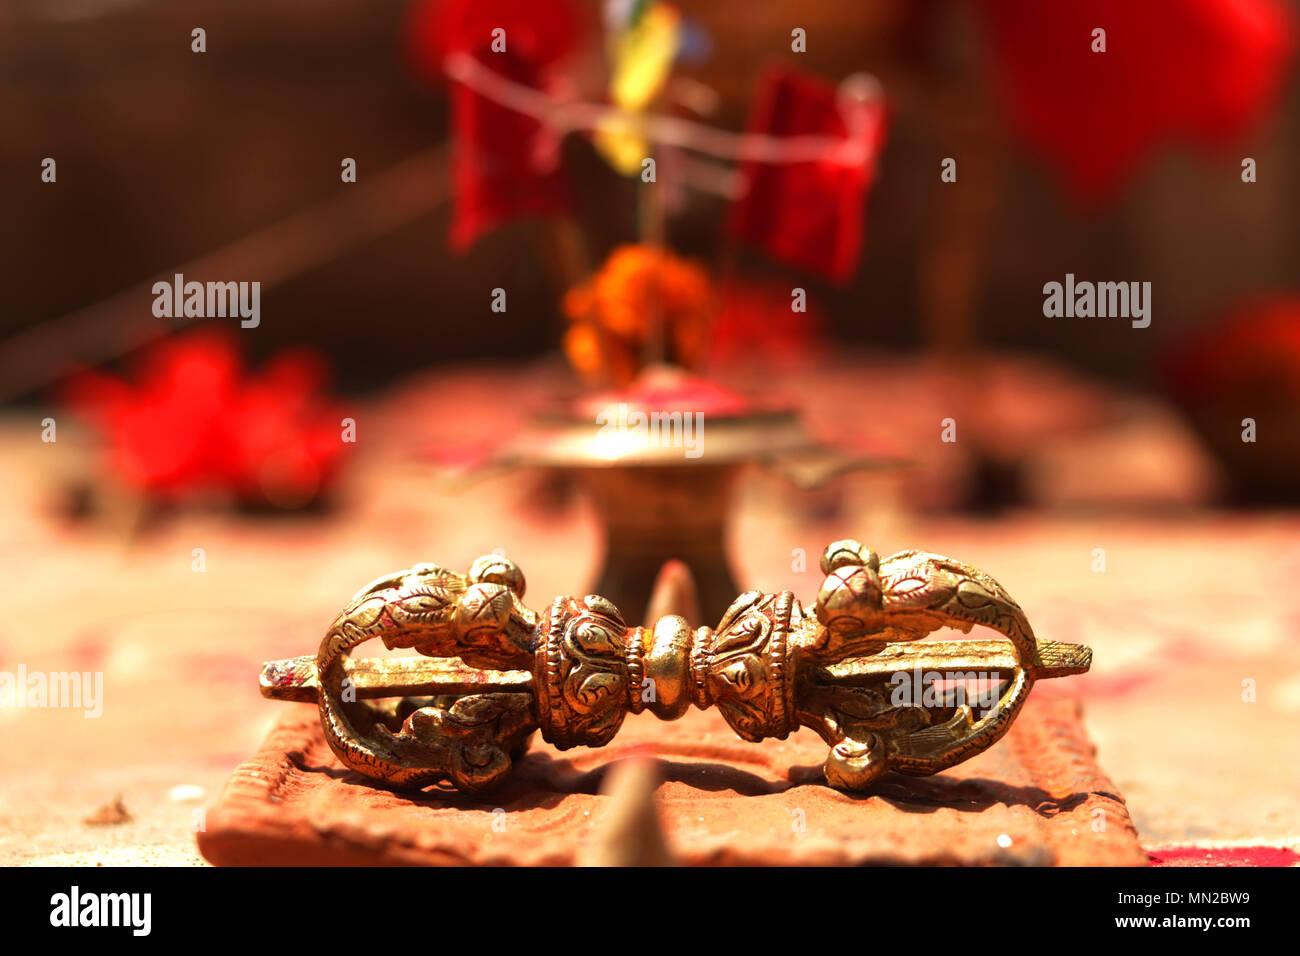 Die Glocke und Dorje, oder Thunderbolt, untrennbar rituelle Gegenstände im tibetischen Buddhismus. Sie werden immer in Kombination während religiöse ceremoni verwendet Stockbild